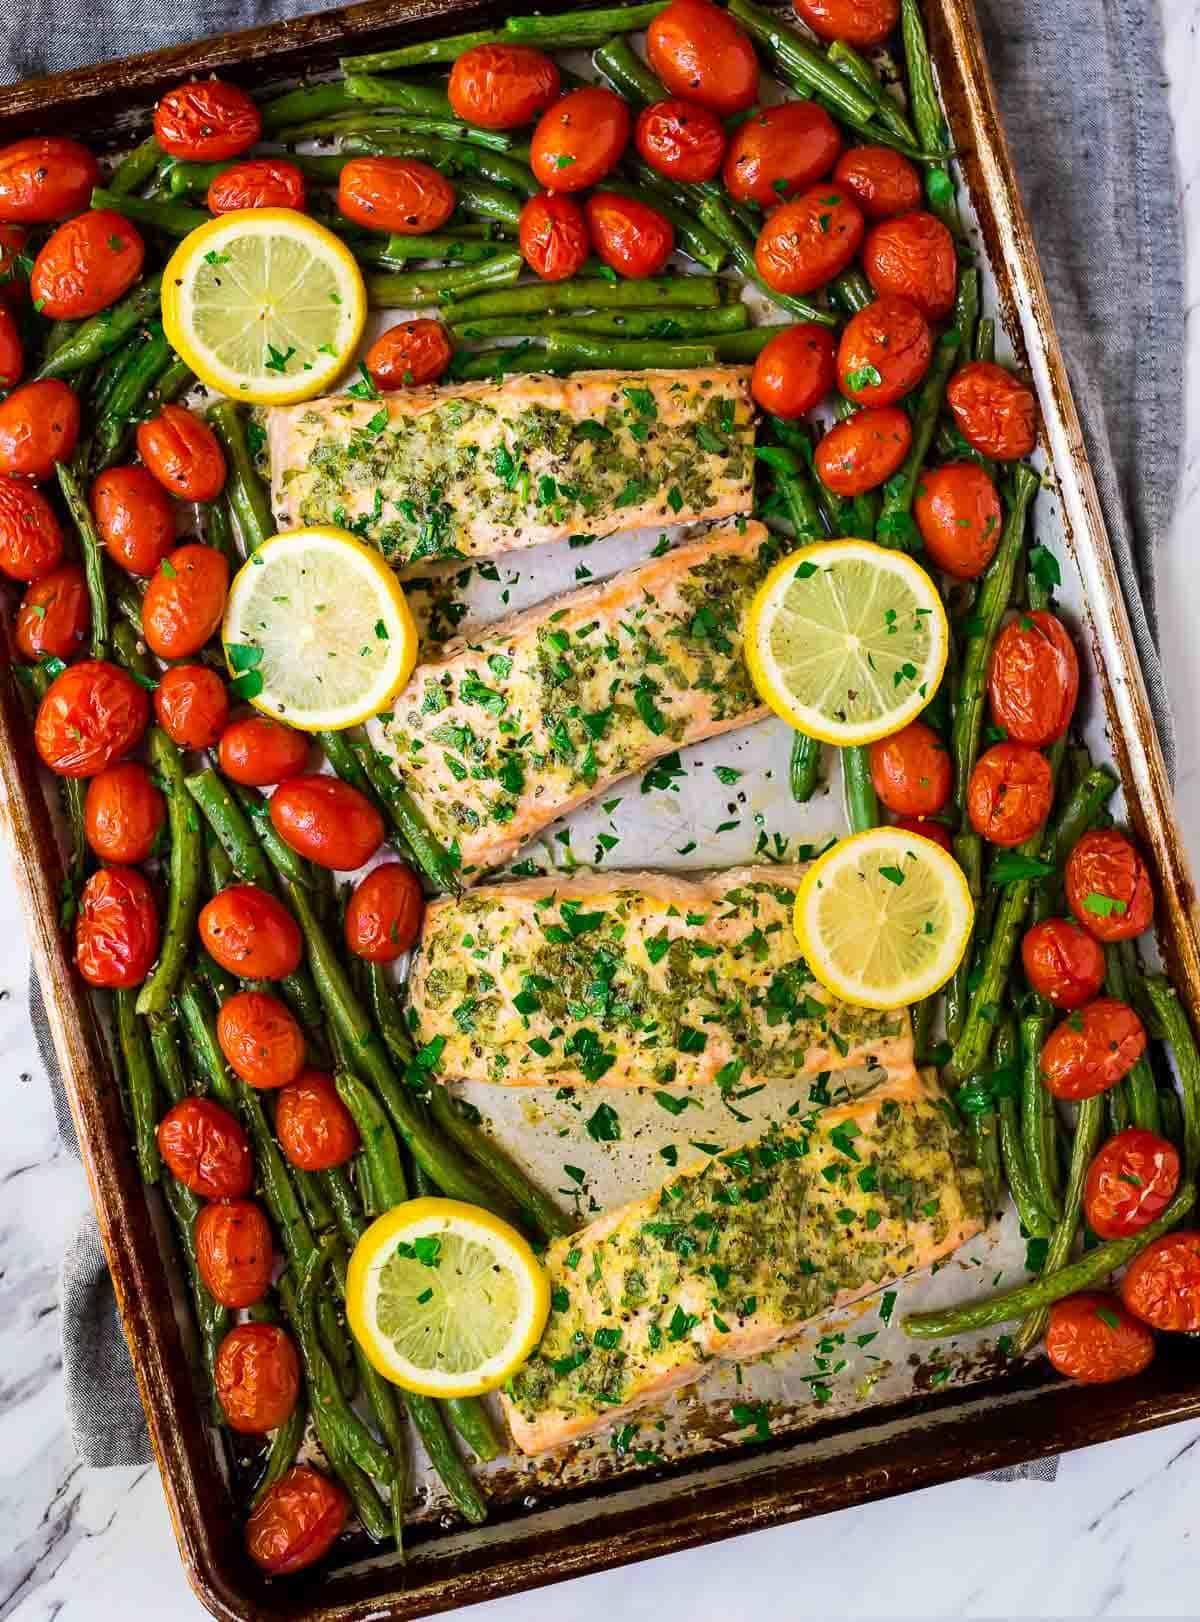 Sheet Pan Garlic Salmon with Lemon Butter and Veggies.